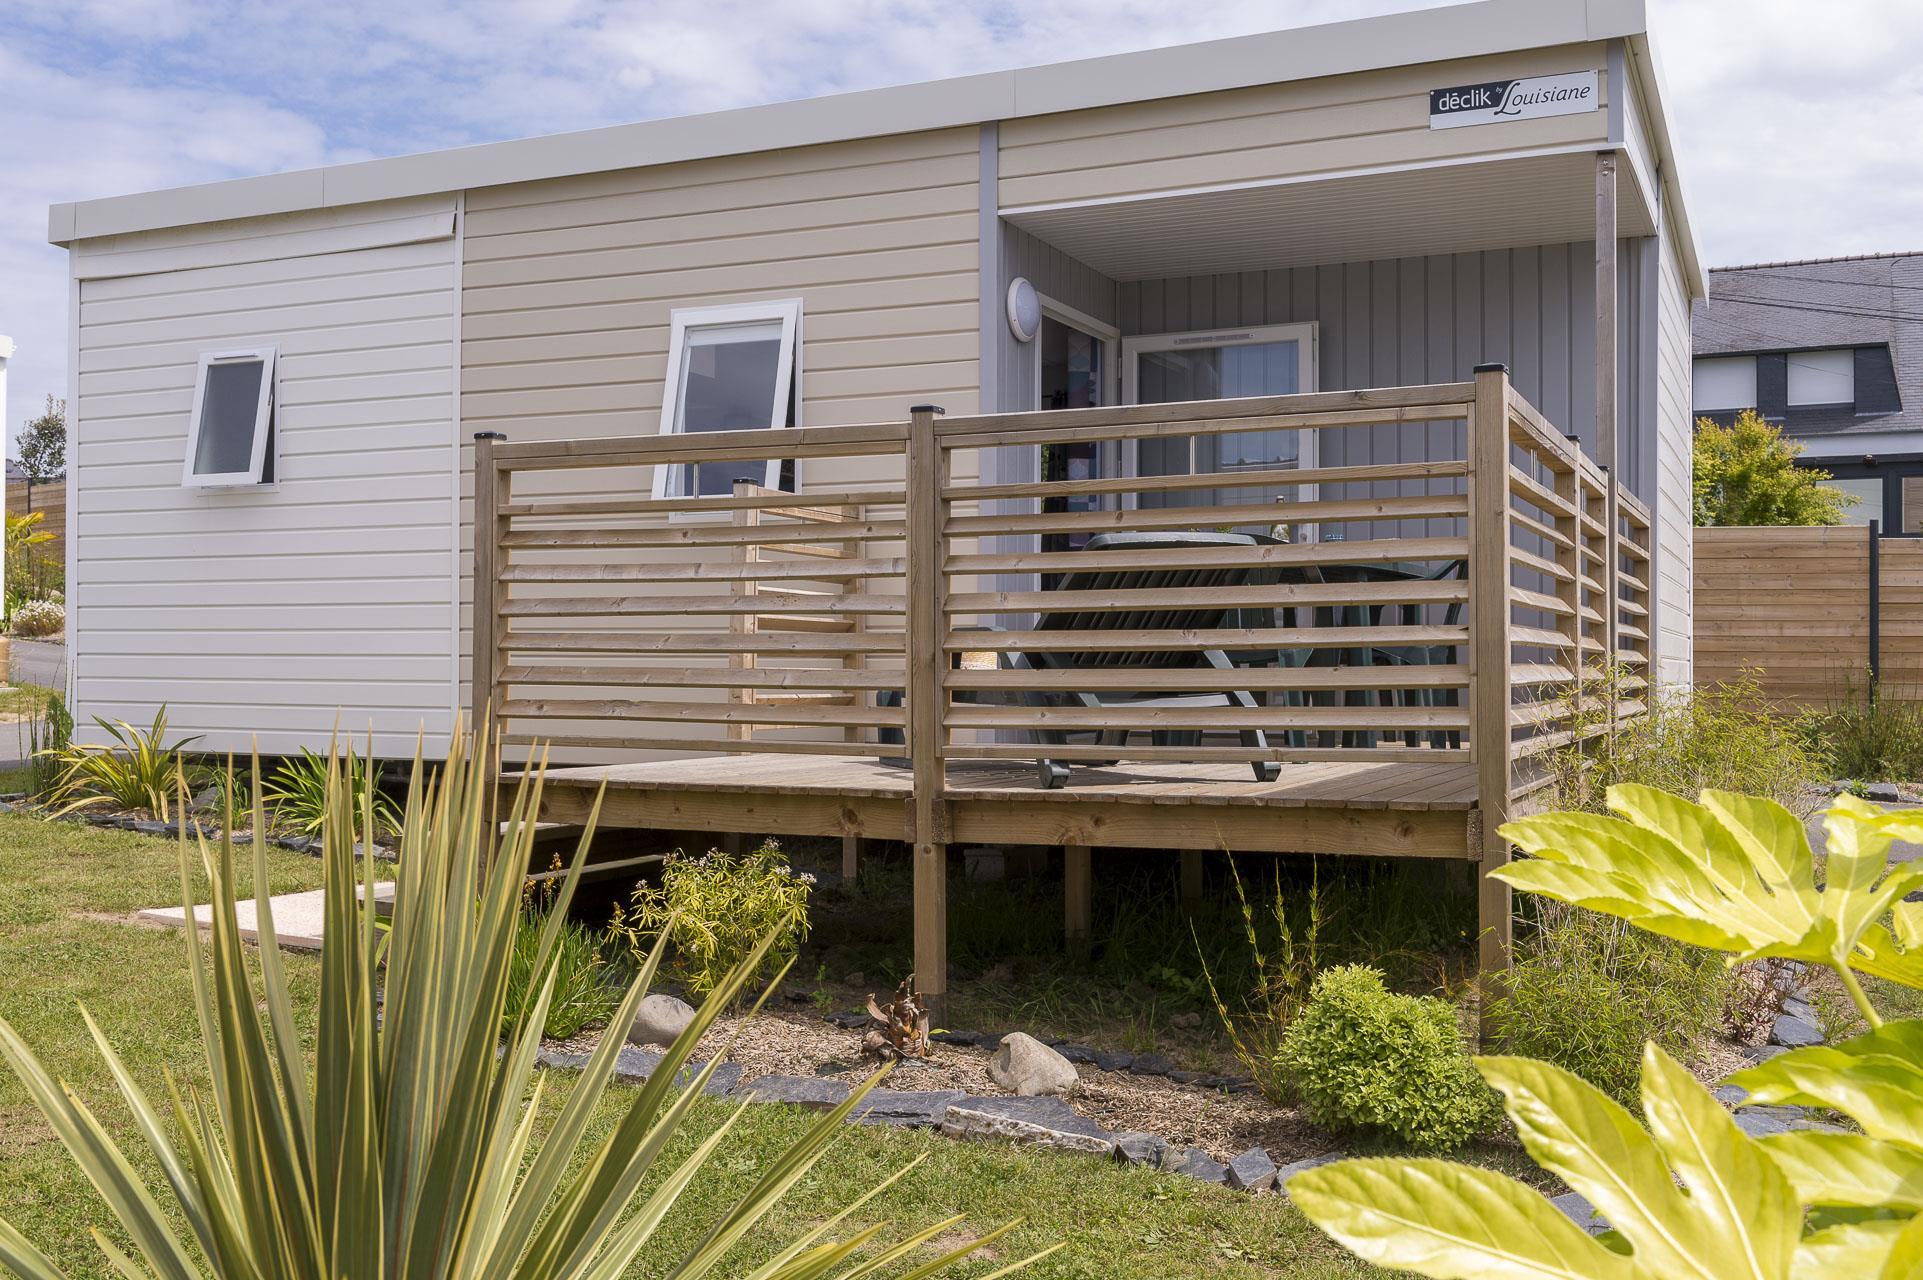 Location - Confort+ Belle-Ile 2 Chambres 25M² - Camping Le Cabellou Plage